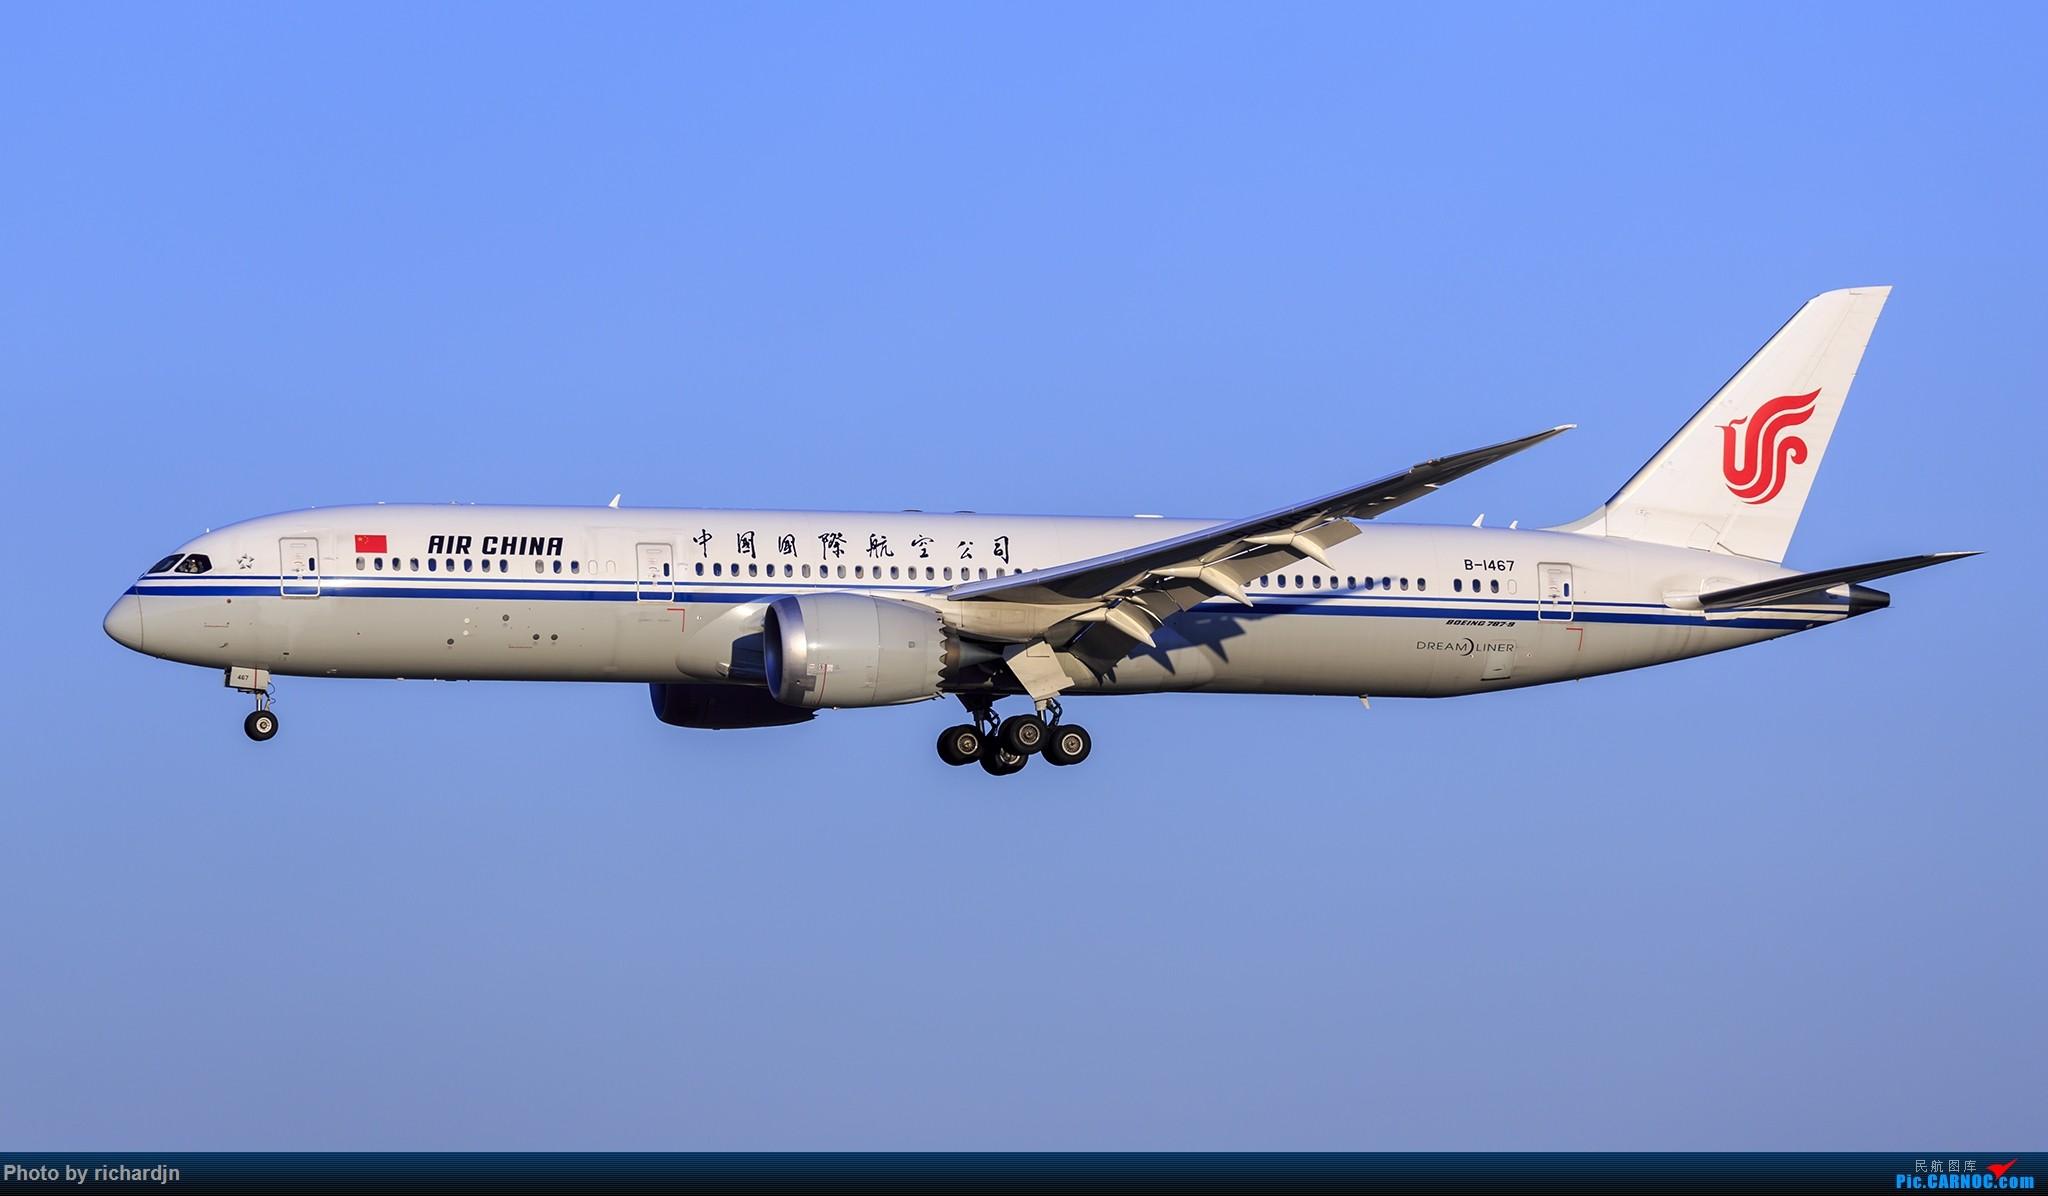 Re:[原创]2018年10月1日ZBAA撸机 BOEING 787-9 B-1467 中国北京首都国际机场